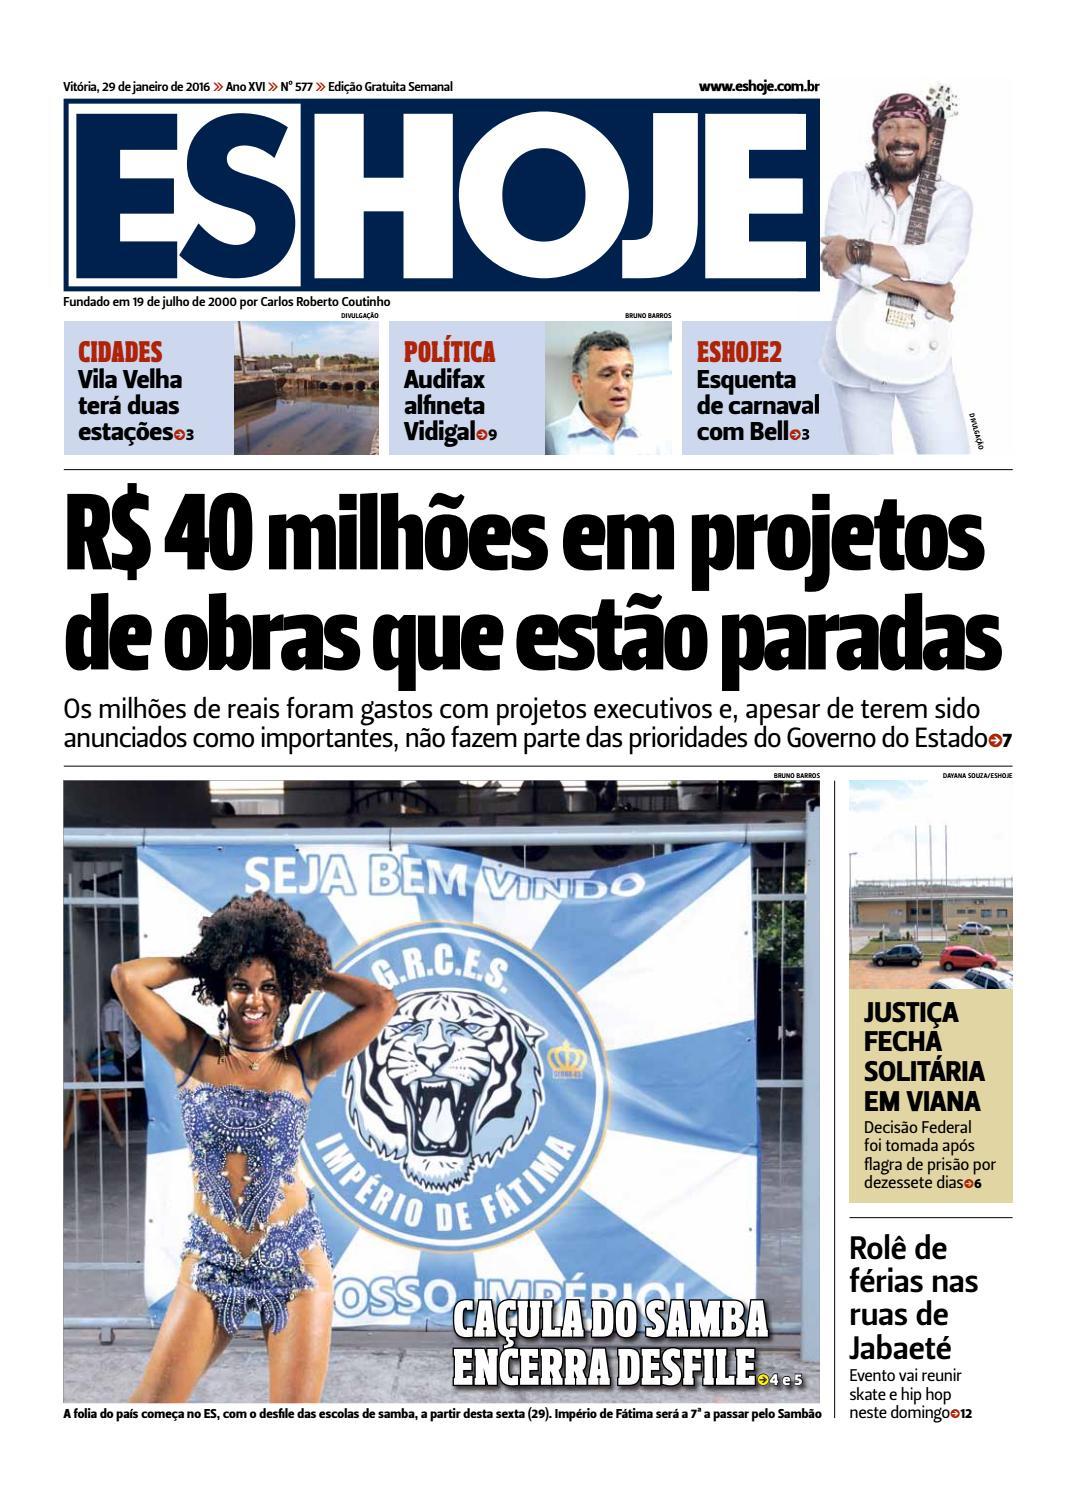 Jornal ES Hoje Nº 577 by Portal Academia do Samba - issuu 9cbc2e36580